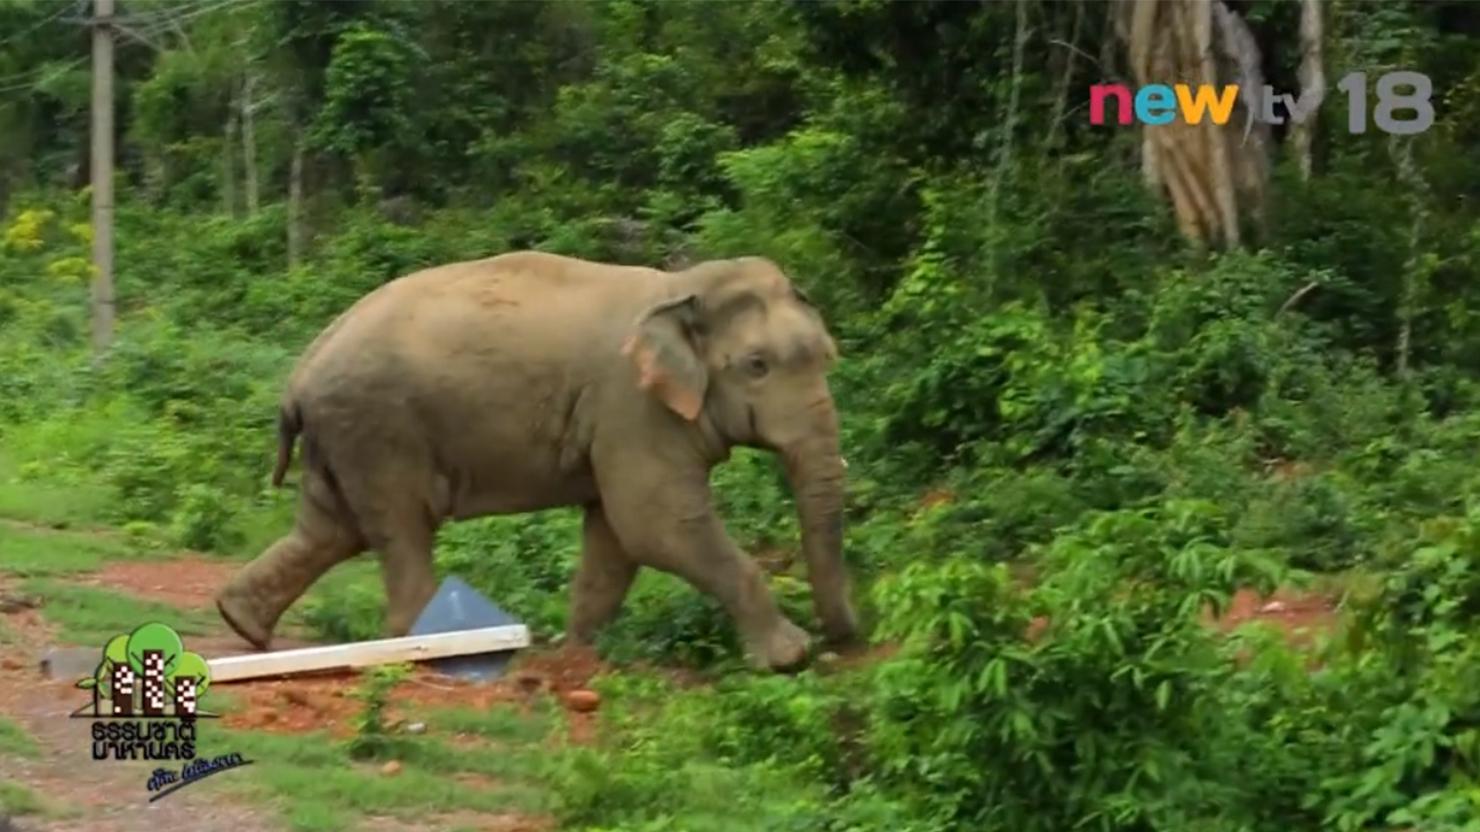 ธรรมชาติมาหานคร : ช้างป่าแก่งกระจาน การจัดการอย่างมีส่วนร่วม